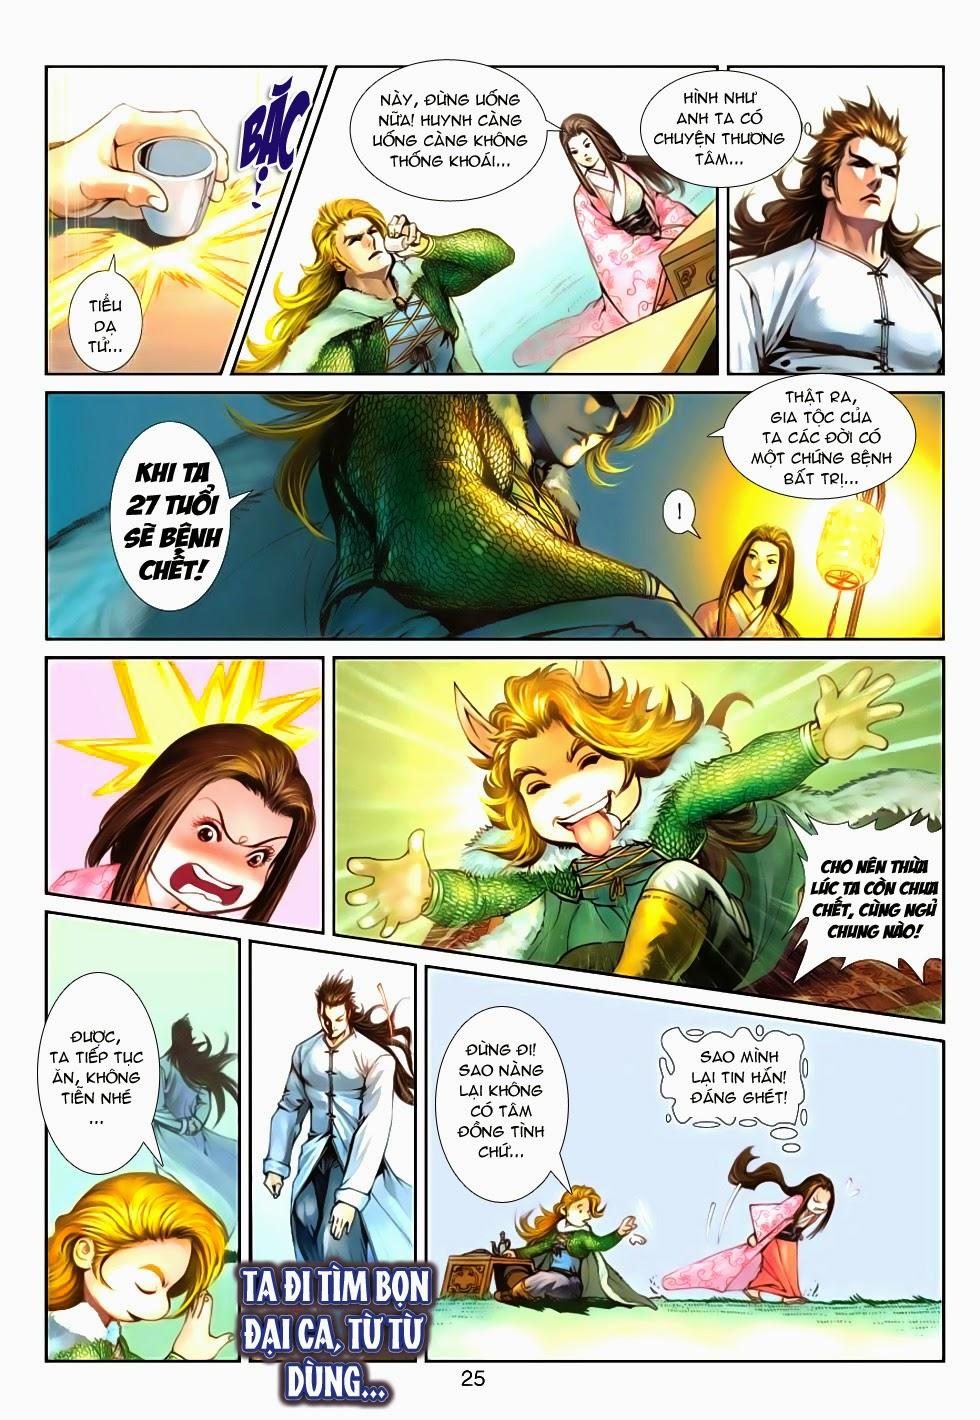 Thần Binh Tiền Truyện 4 - Huyền Thiên Tà Đế chap 5 - Trang 25